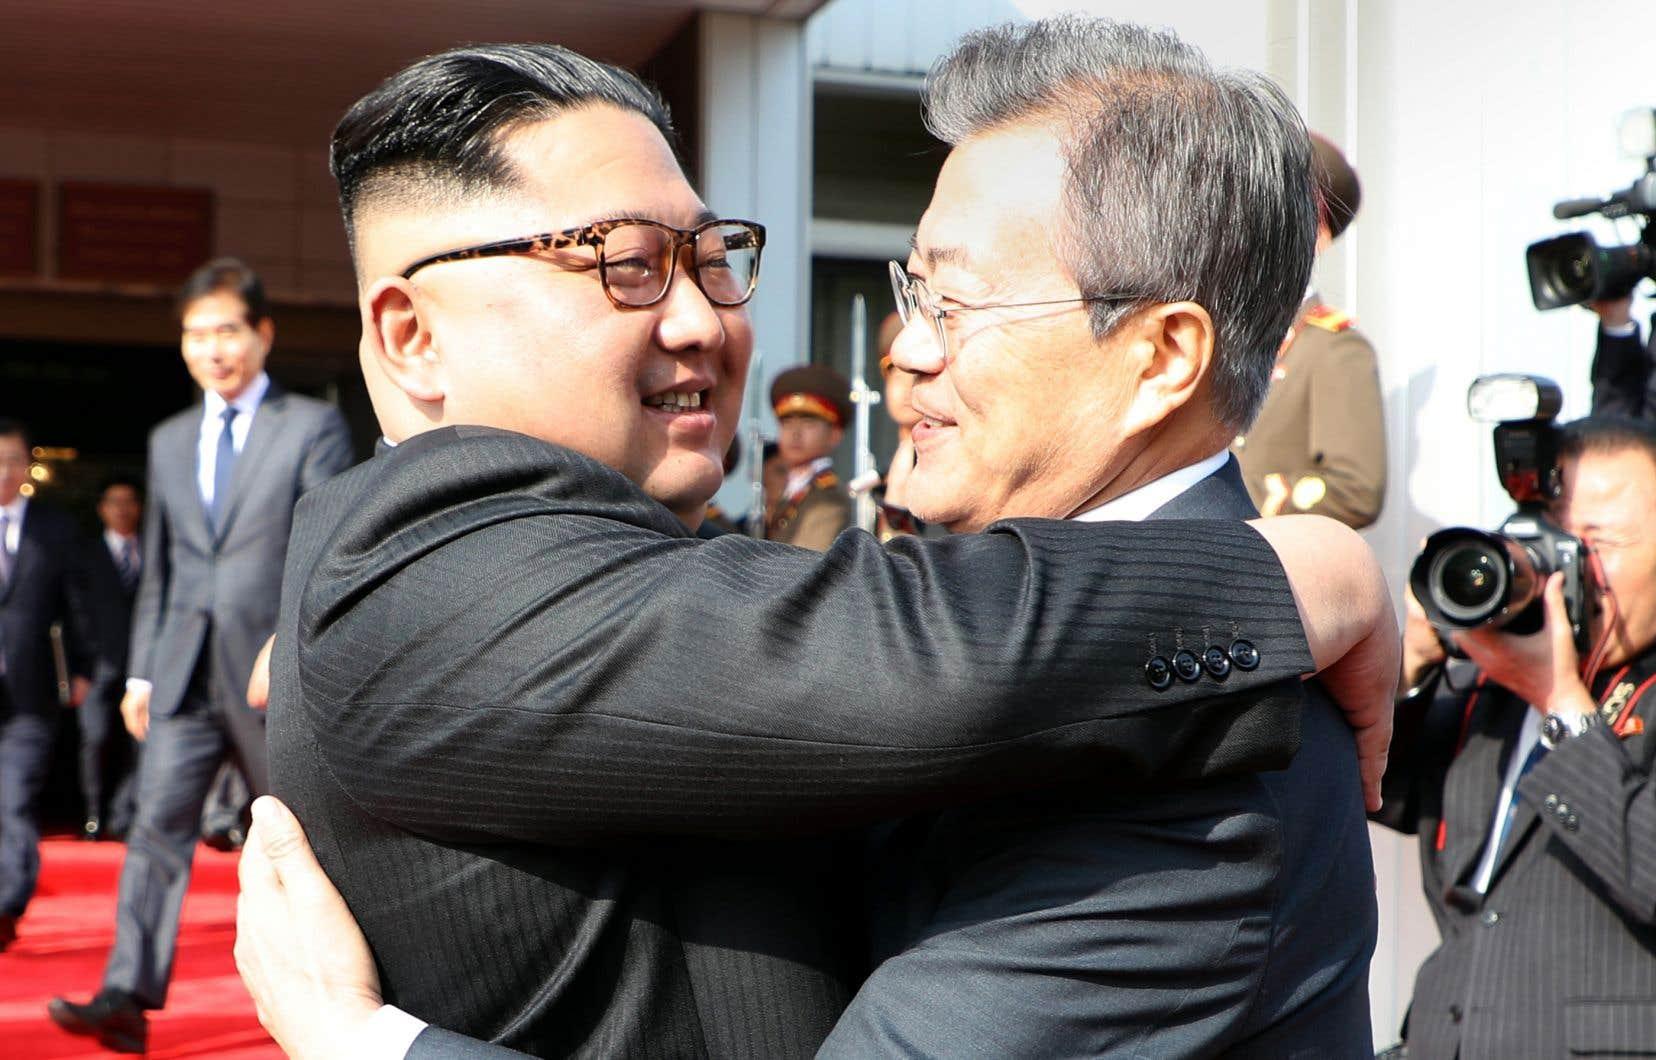 La rencontre entre MM.Moon et Kim s'est déroulée dans un bâtiment du côté nord-coréen de Panmunjom, le village où avait été signé l'armistice entre les deux Corées en 1953.